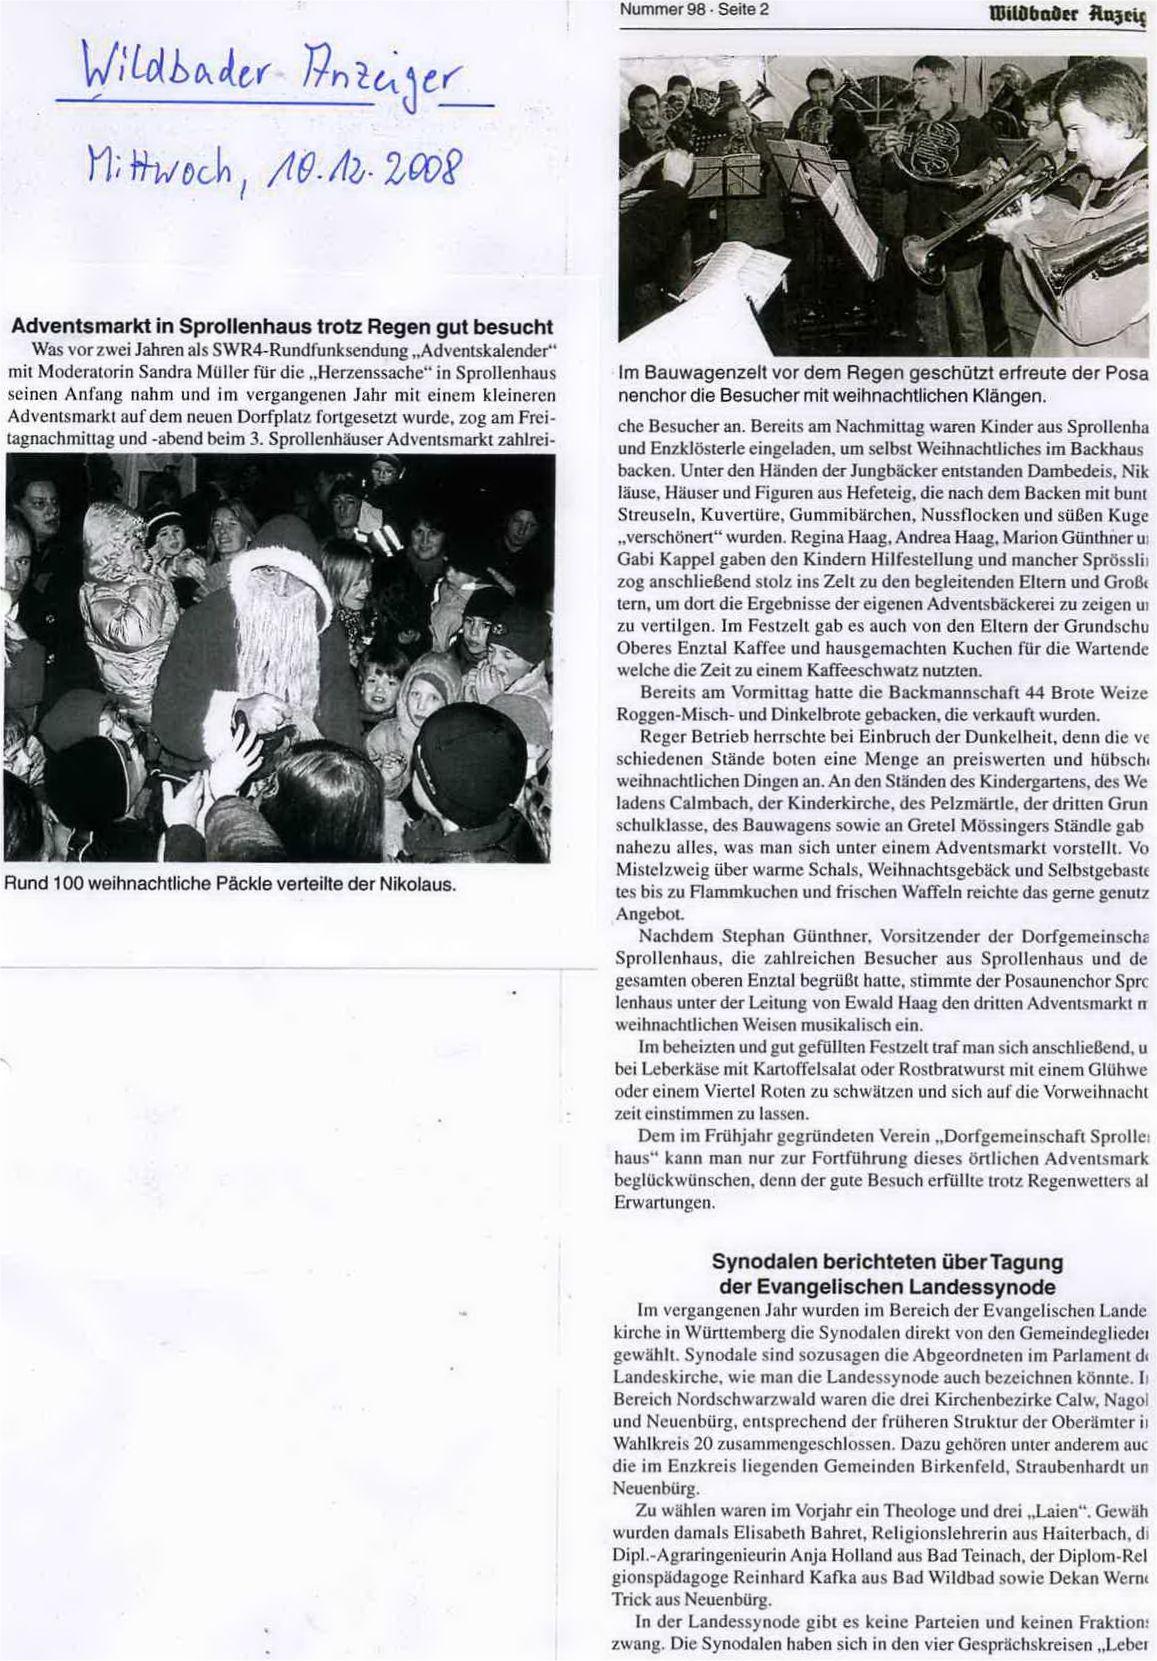 2008-12-10-wildbader_anzeigeblatt-adventsmarkt